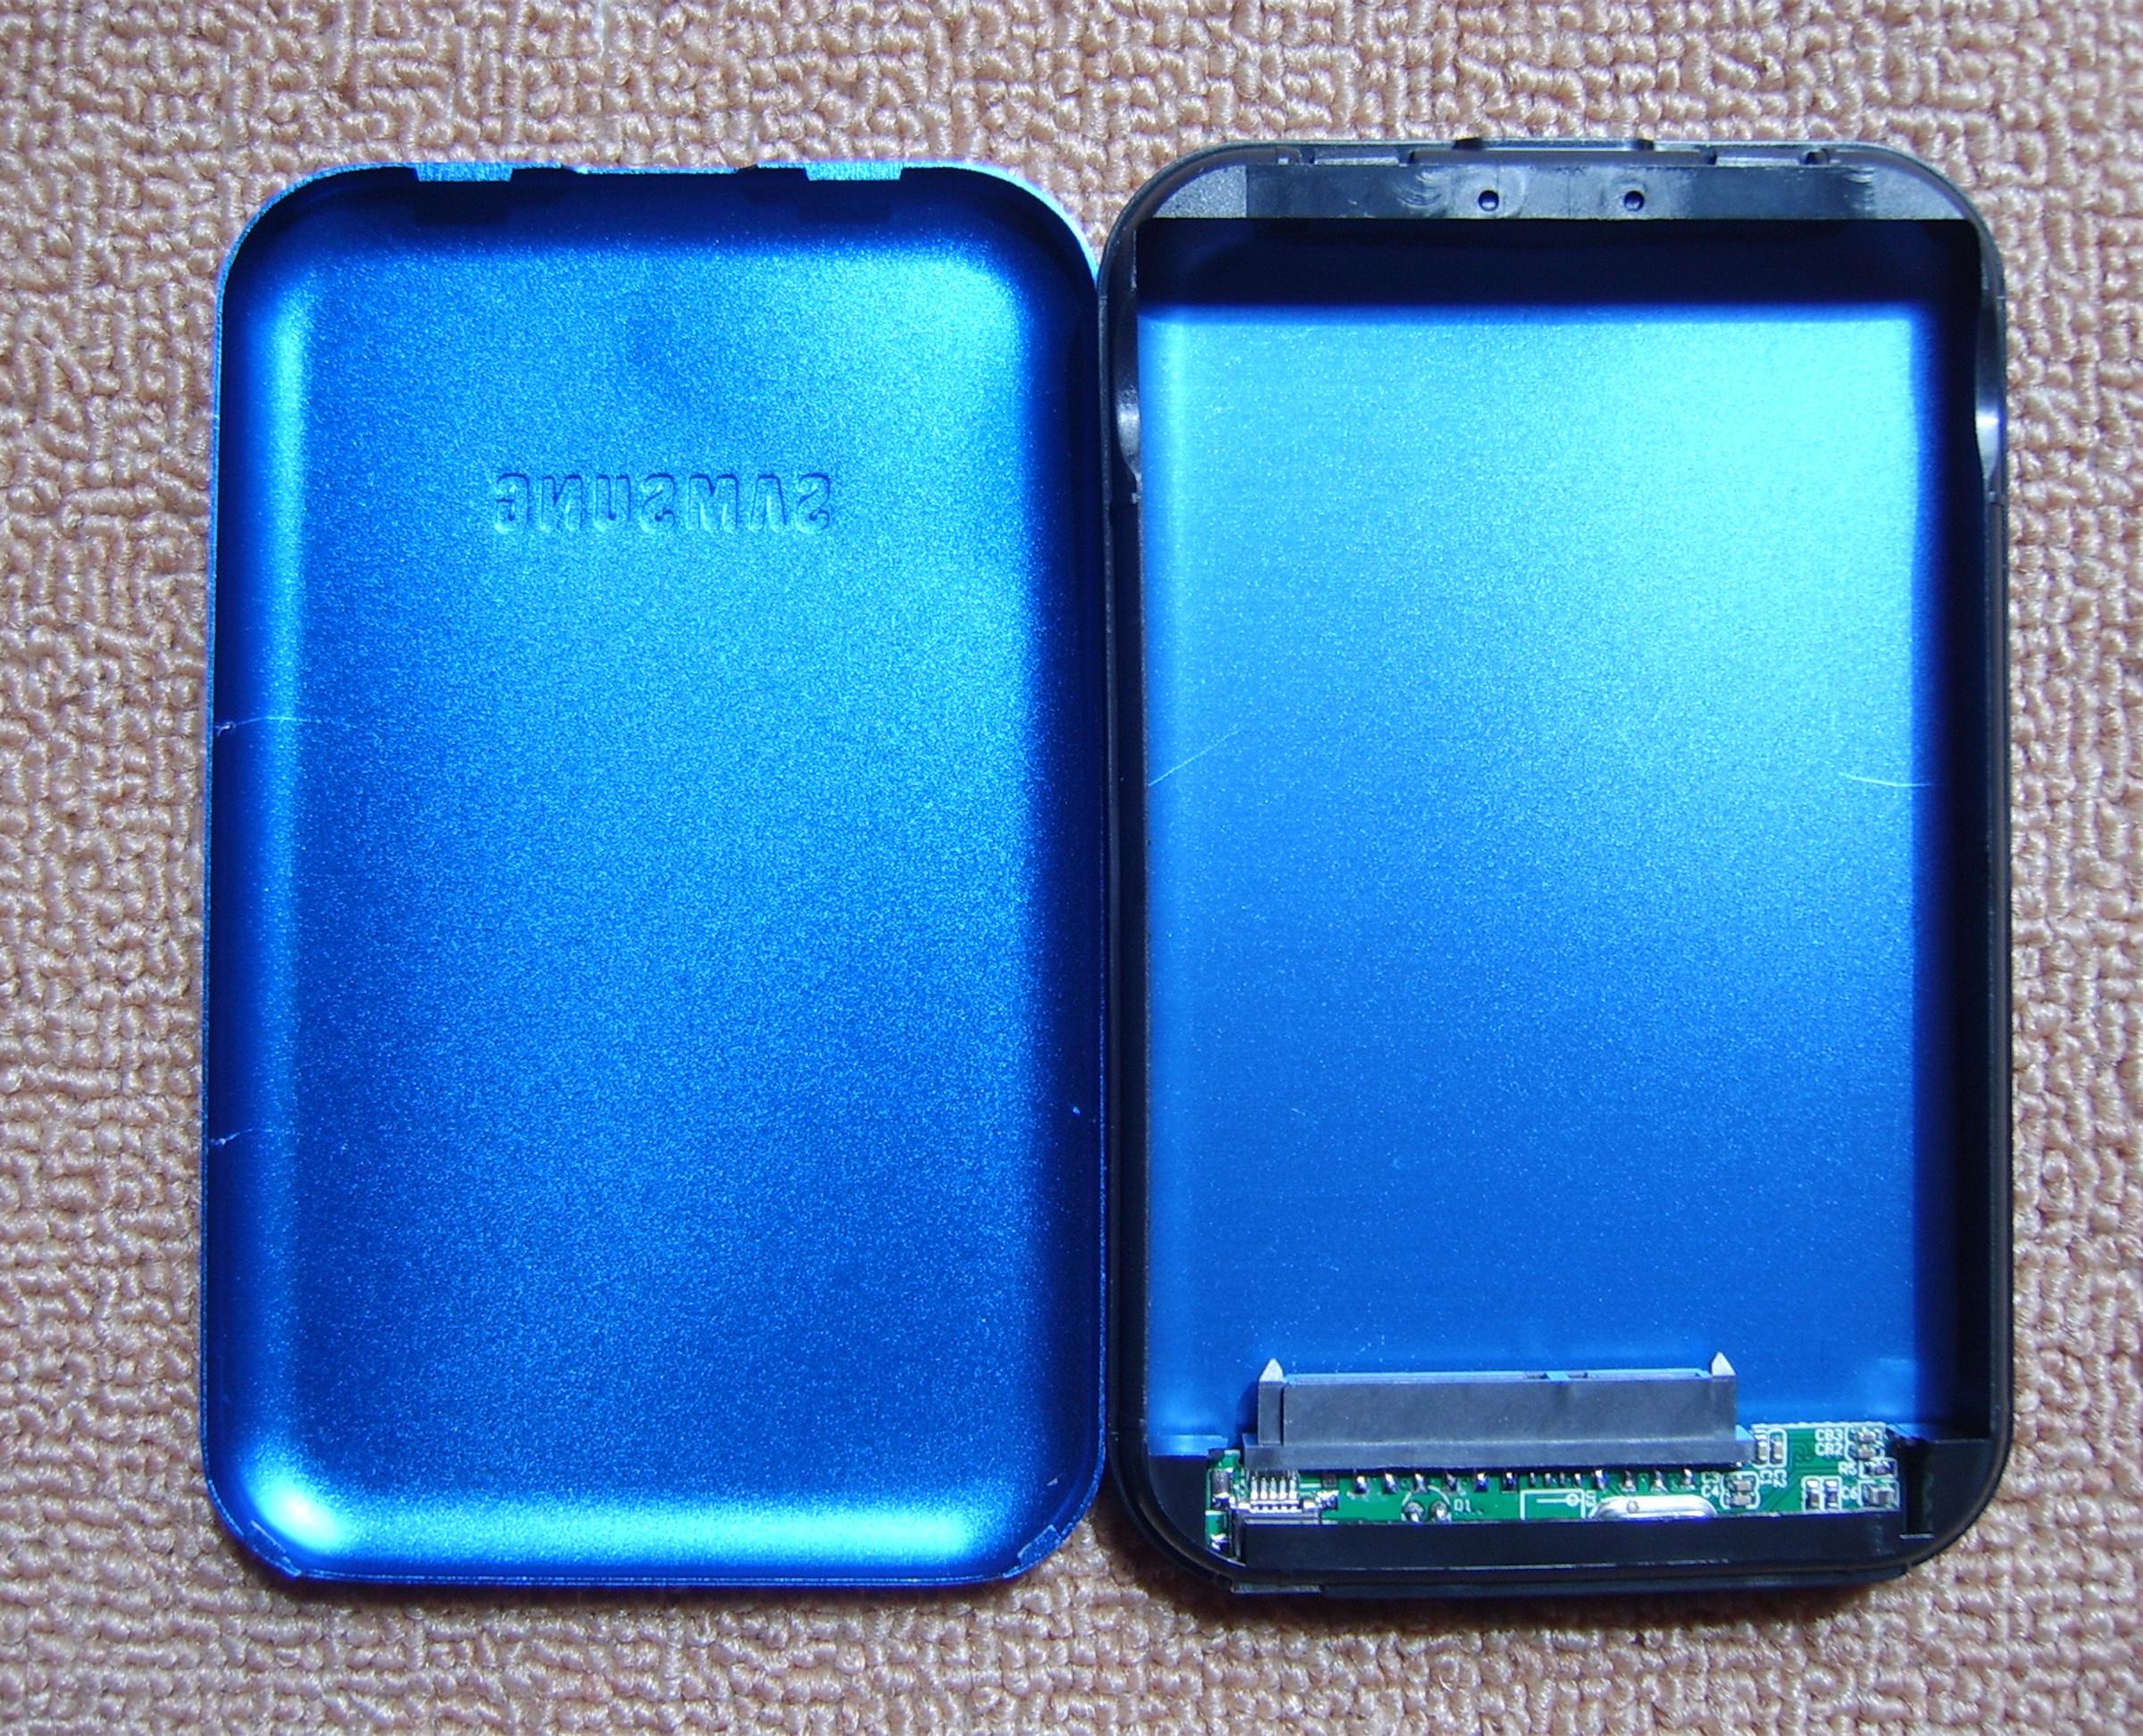 La cartouche de disque dur mobile 2,5 pouces SATA ultra - mince d'alliage d'aluminium sans vis de montage et de démontage de colis USB2.0